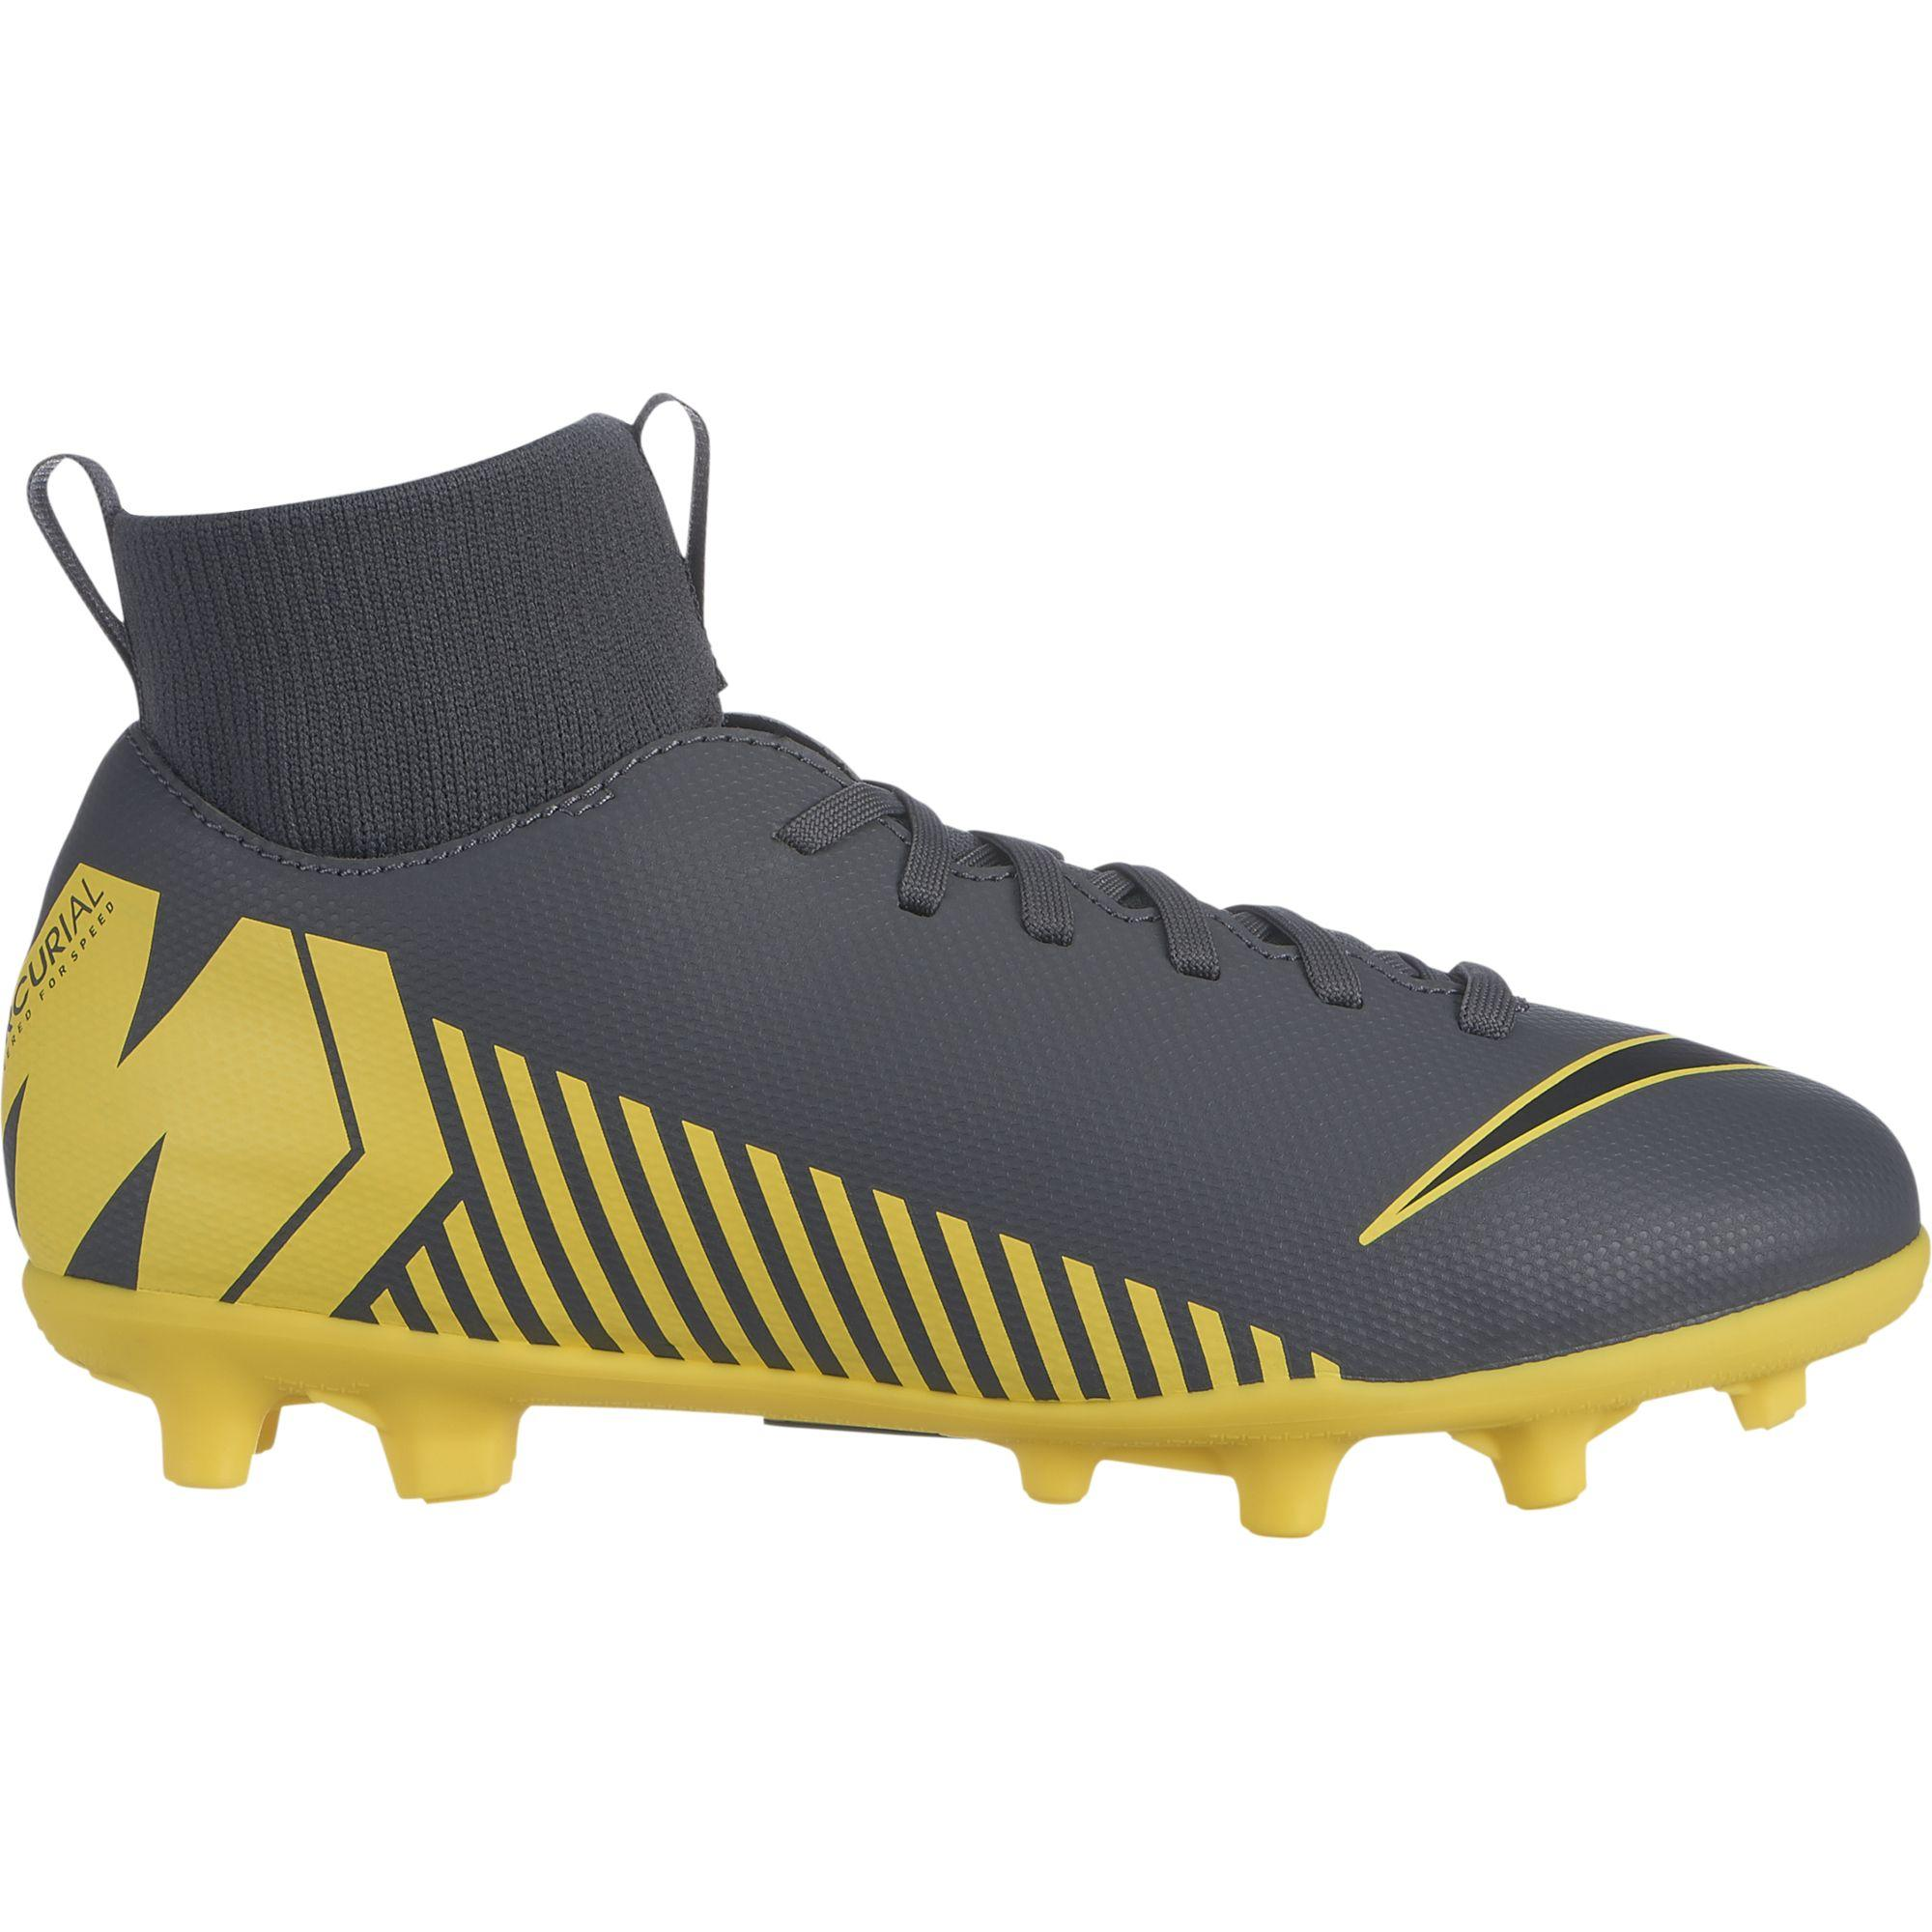 aliexpress stile romanzo più amato Nike Scarpe Calcio Mercurial Superfly VI Club MG Junior